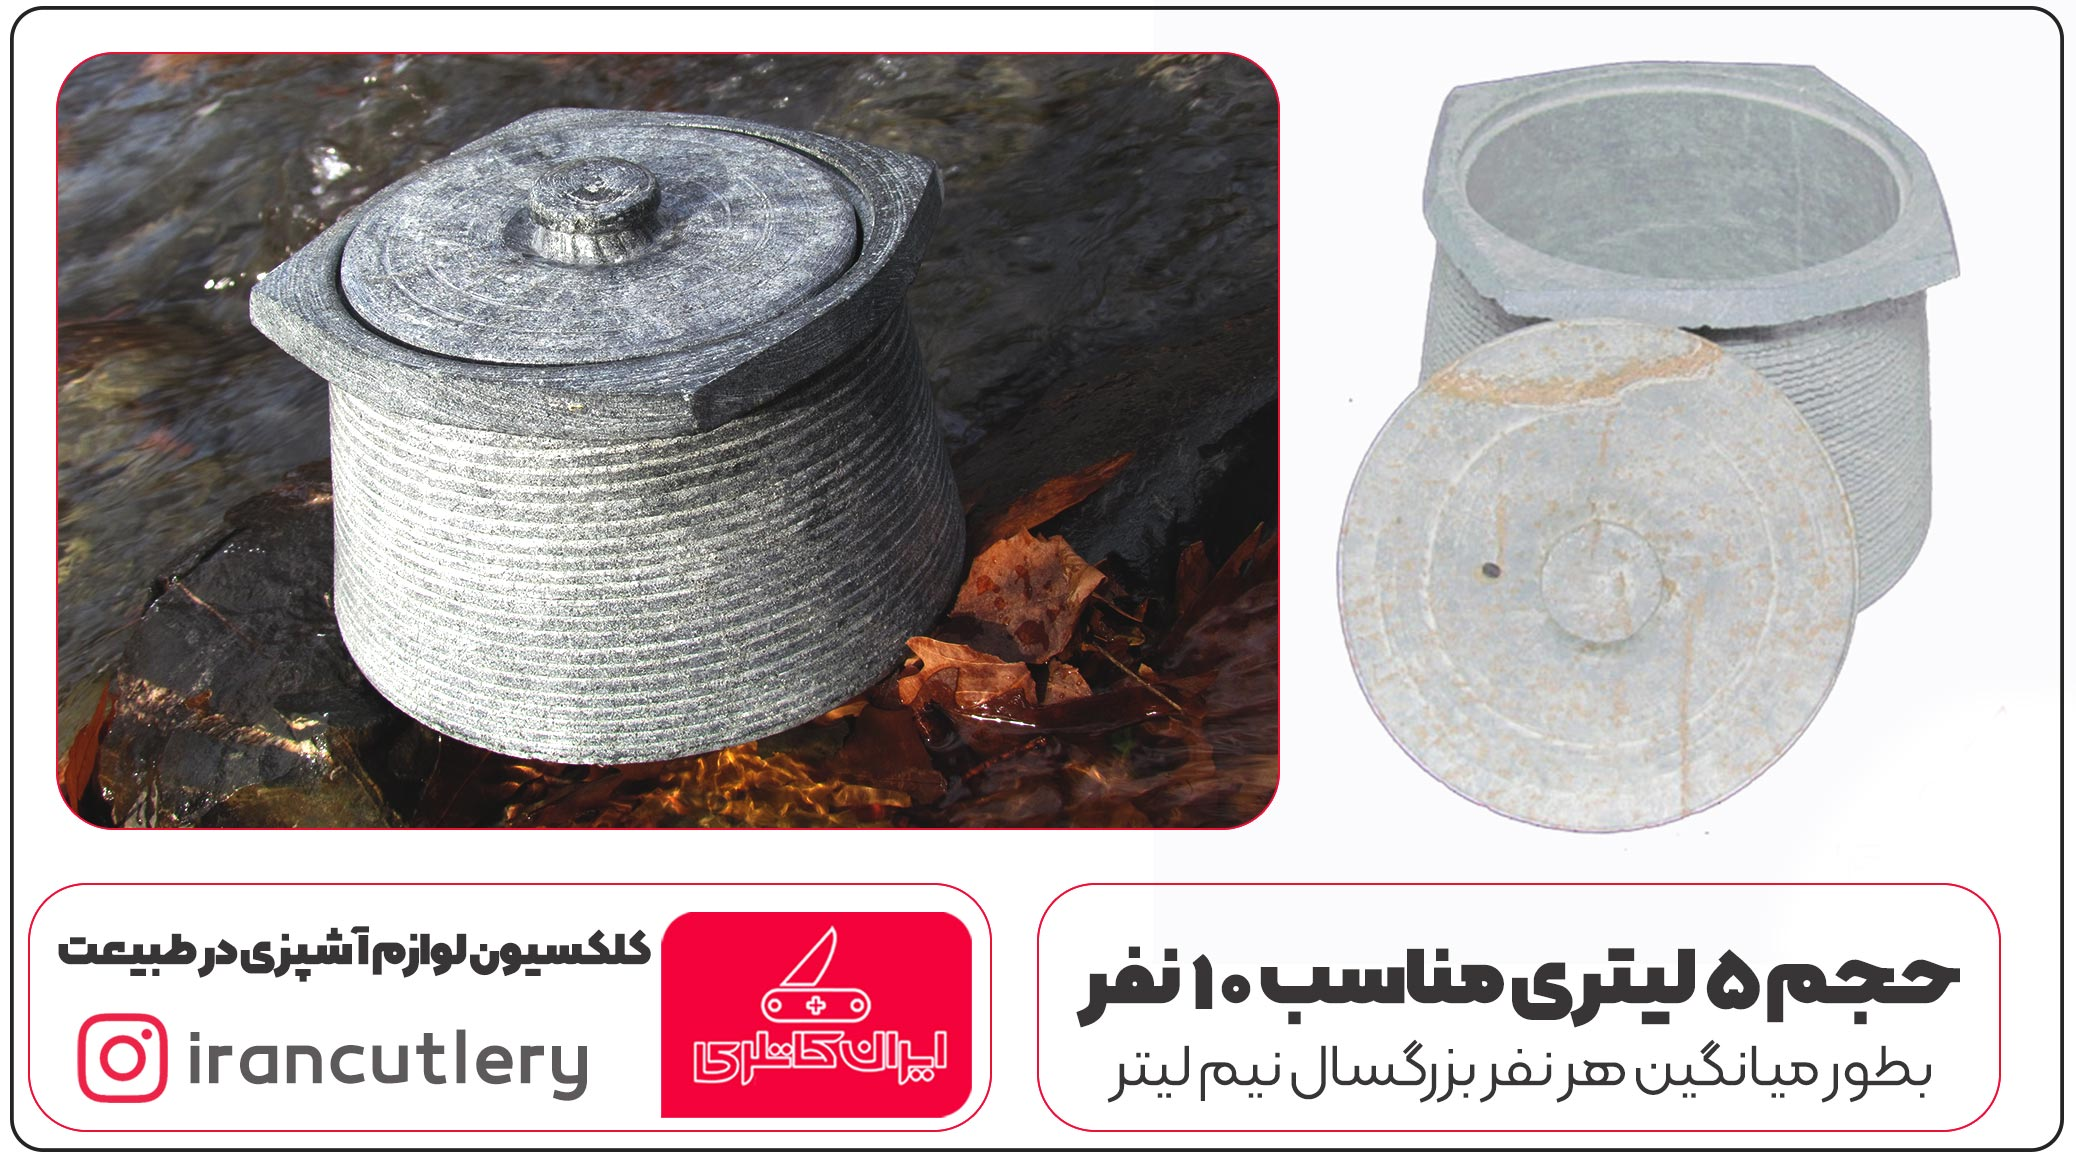 خرید قابلمه سنگی برای دیزی